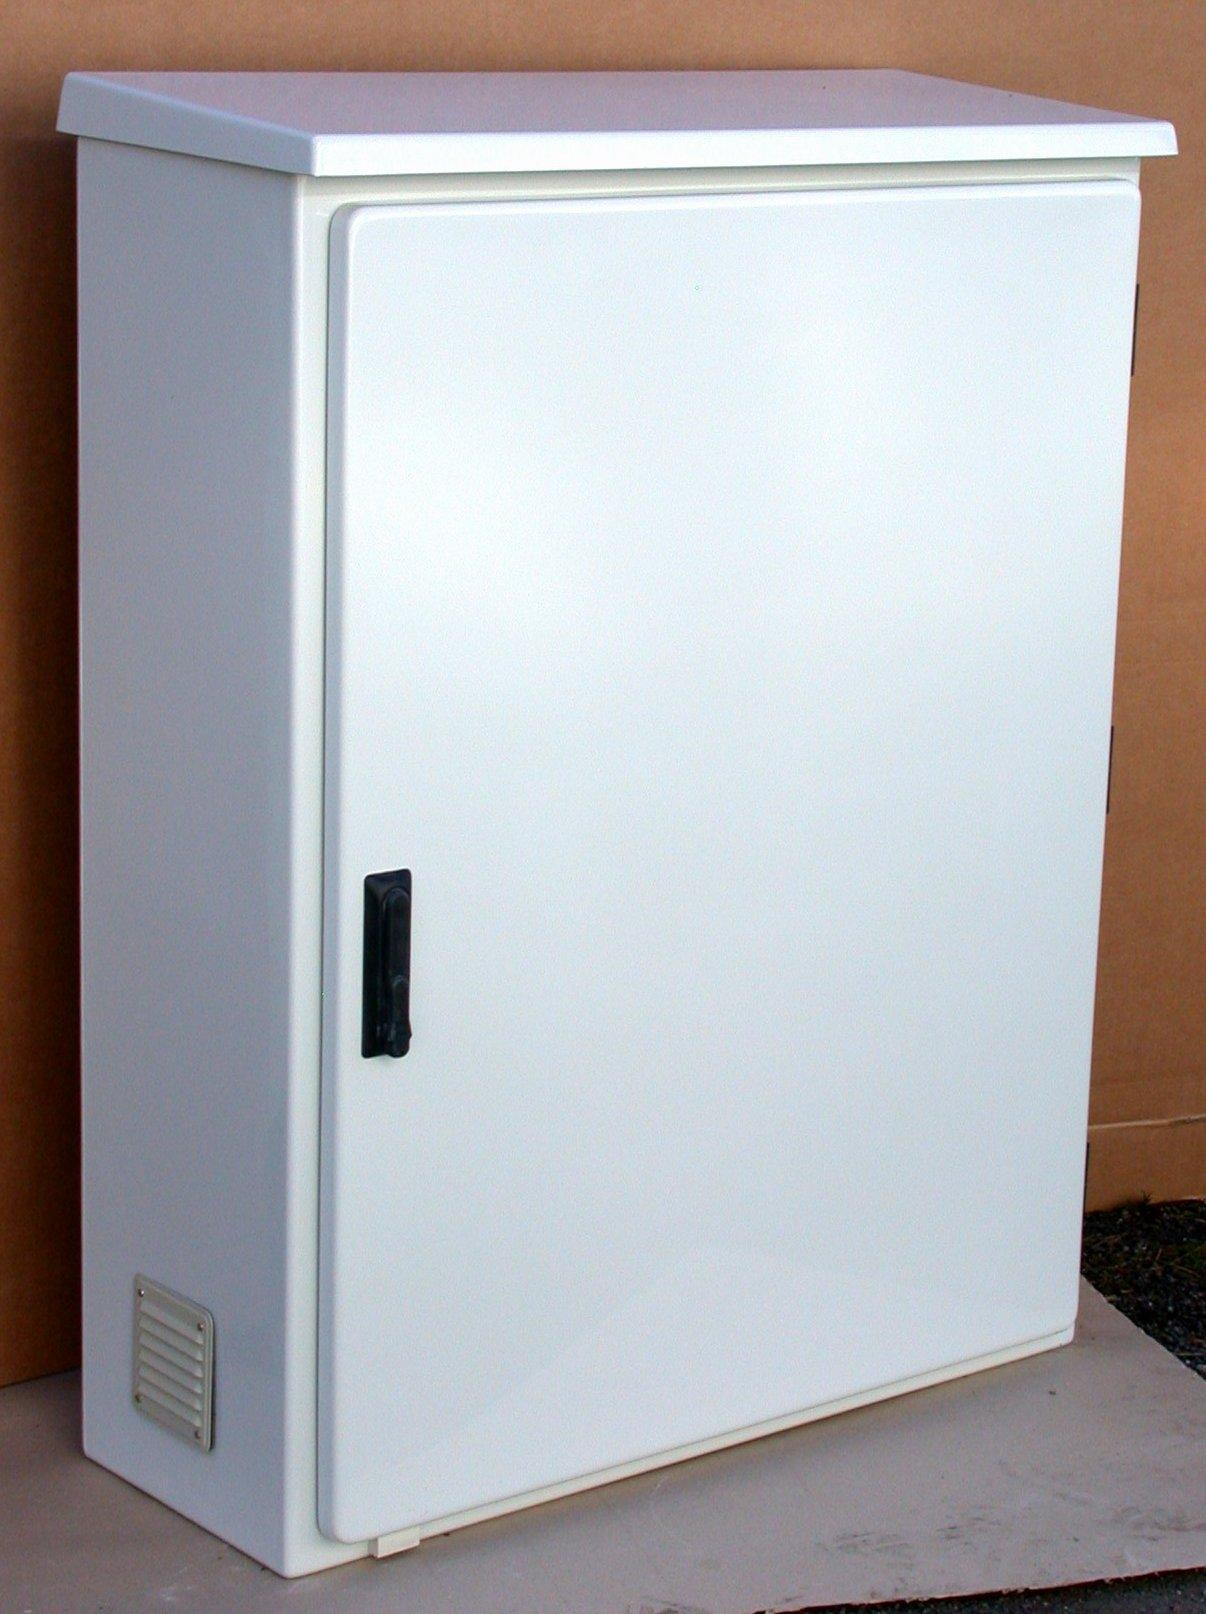 armoires et coffrets electrique composites. Black Bedroom Furniture Sets. Home Design Ideas